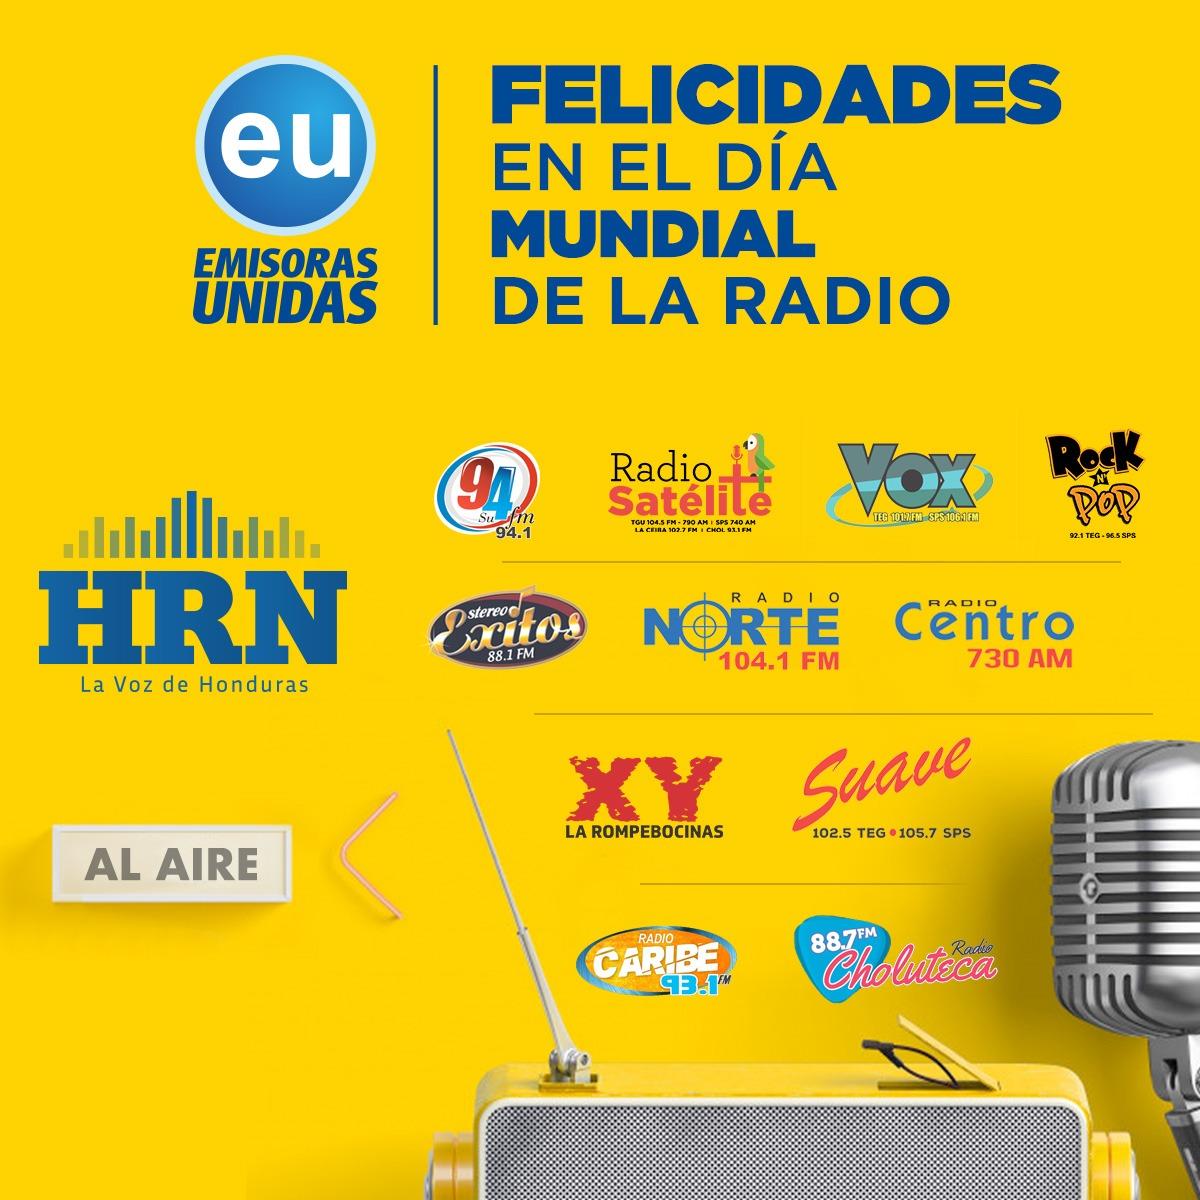 Emisoras Unidas celebra el Día Mundial de la Radio este 13 de febrero